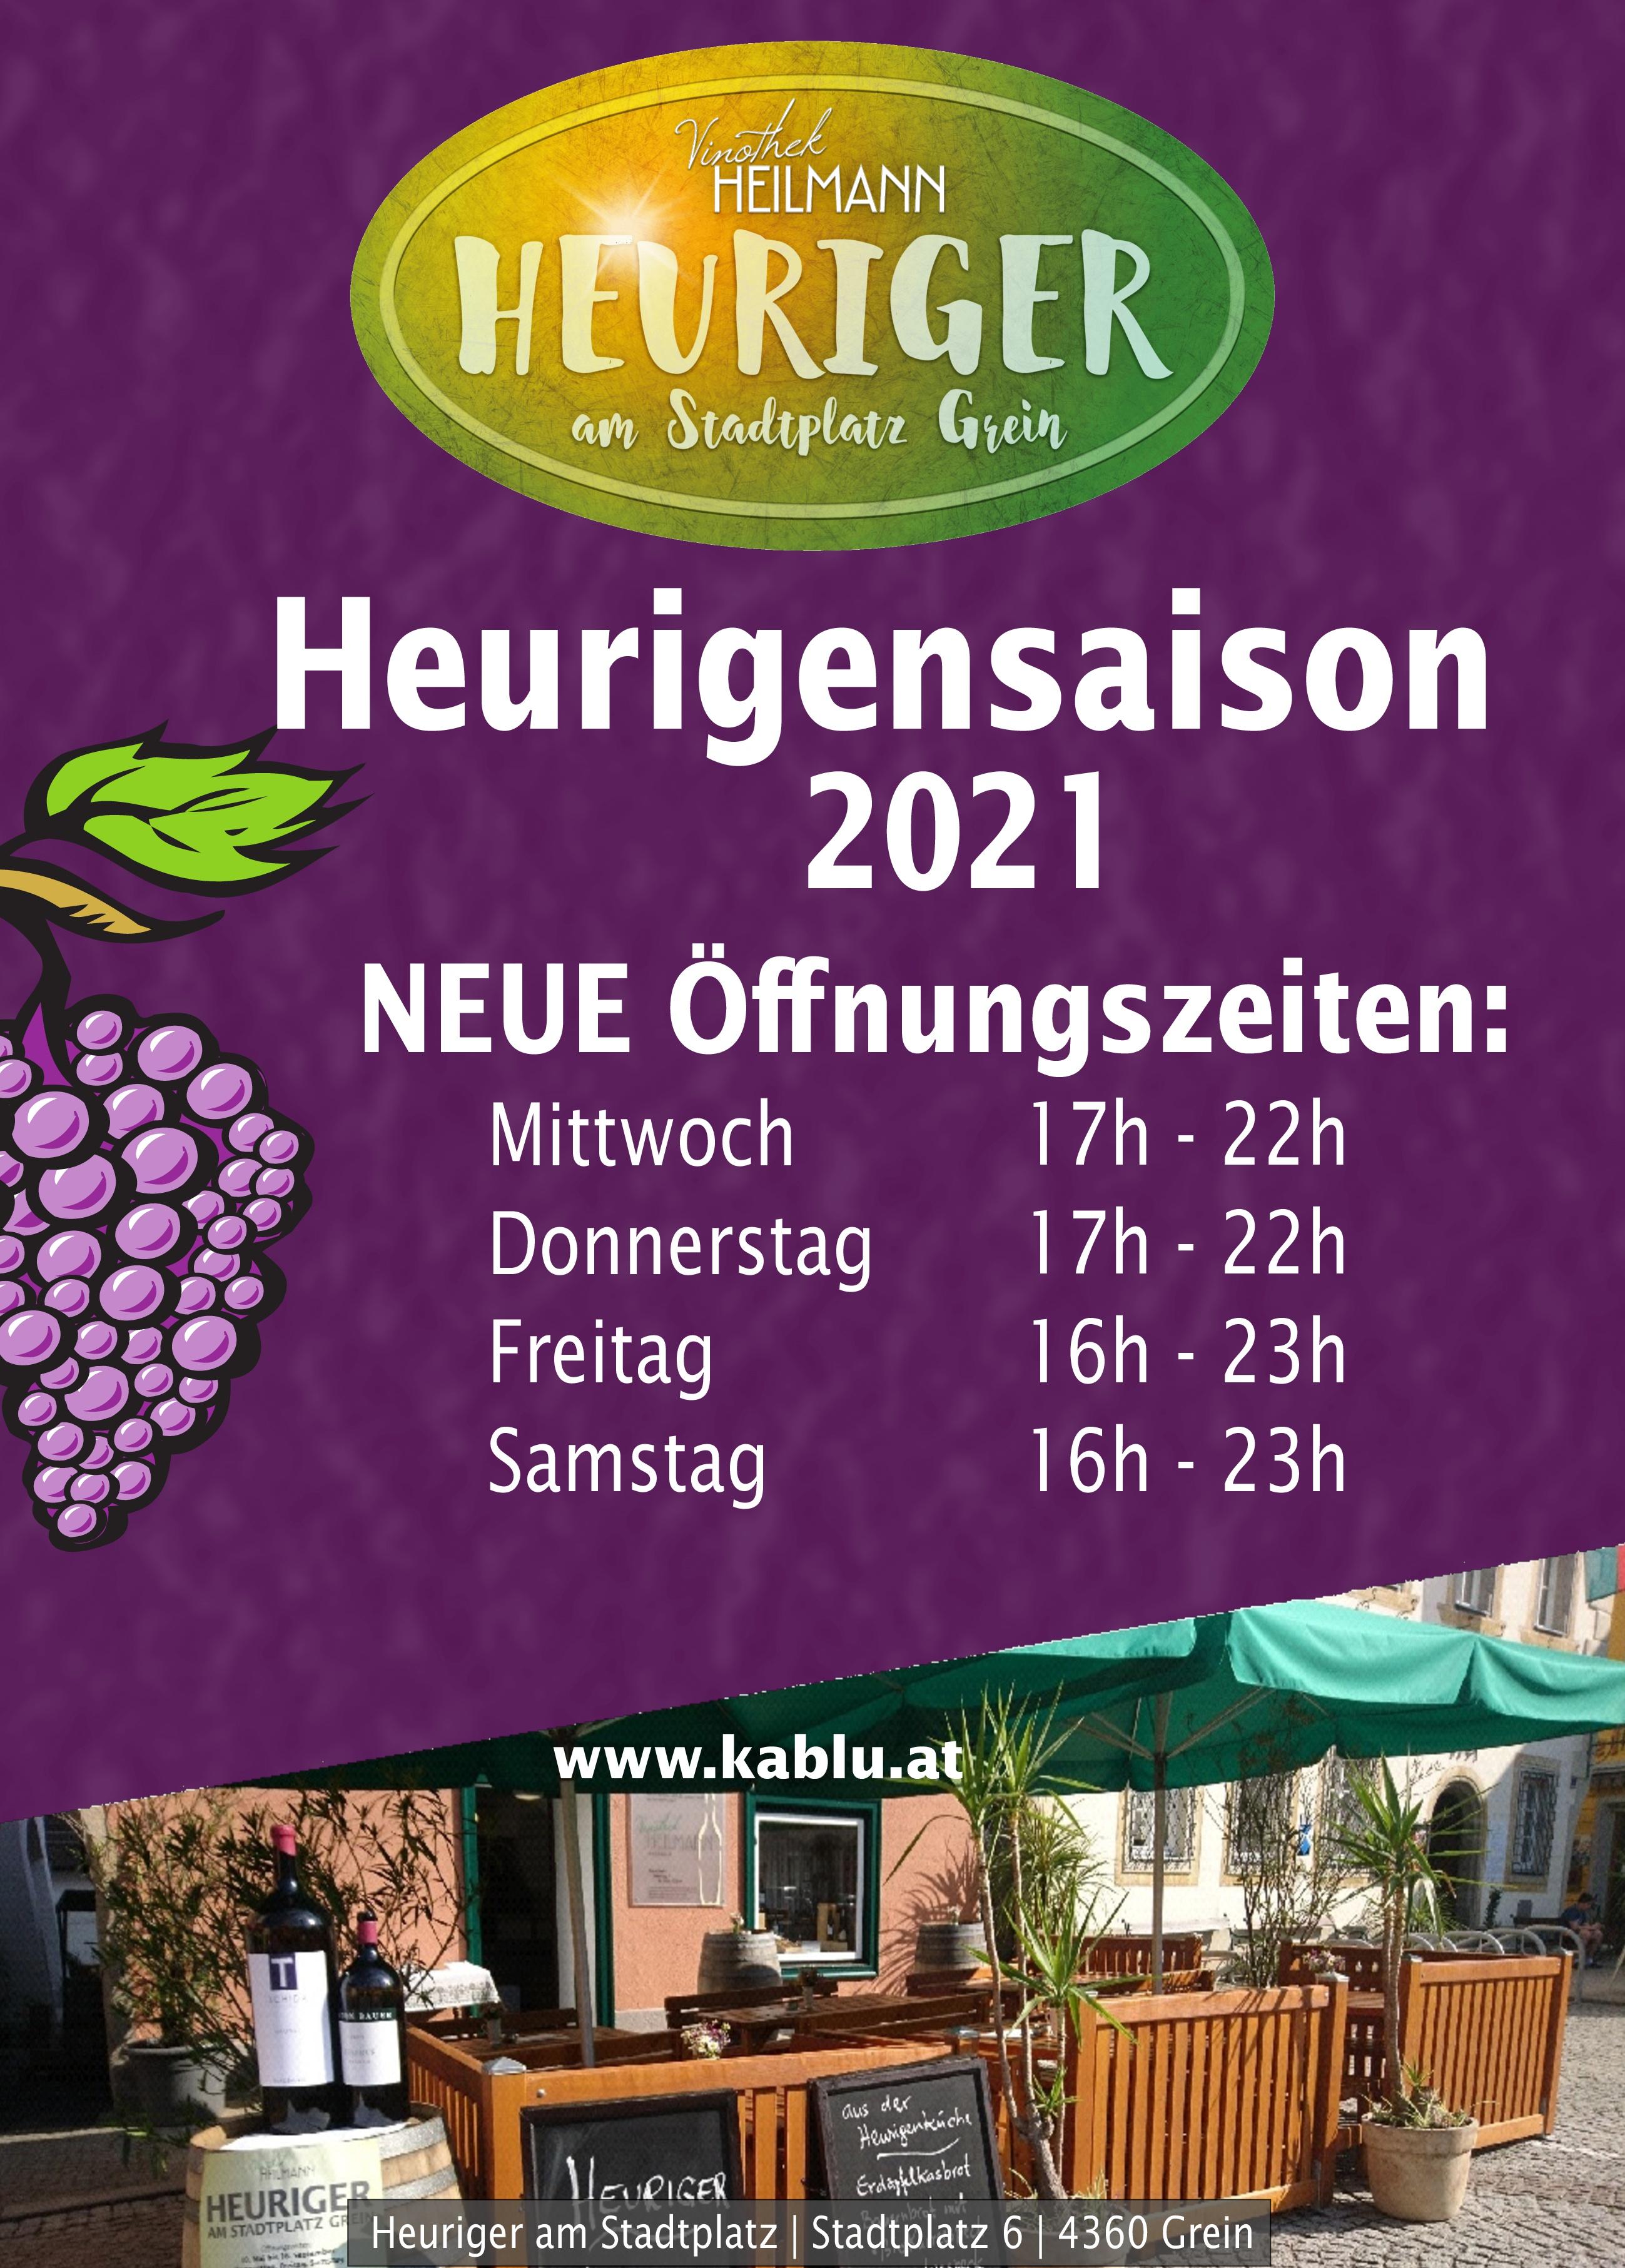 Heurigensaison violett 2021